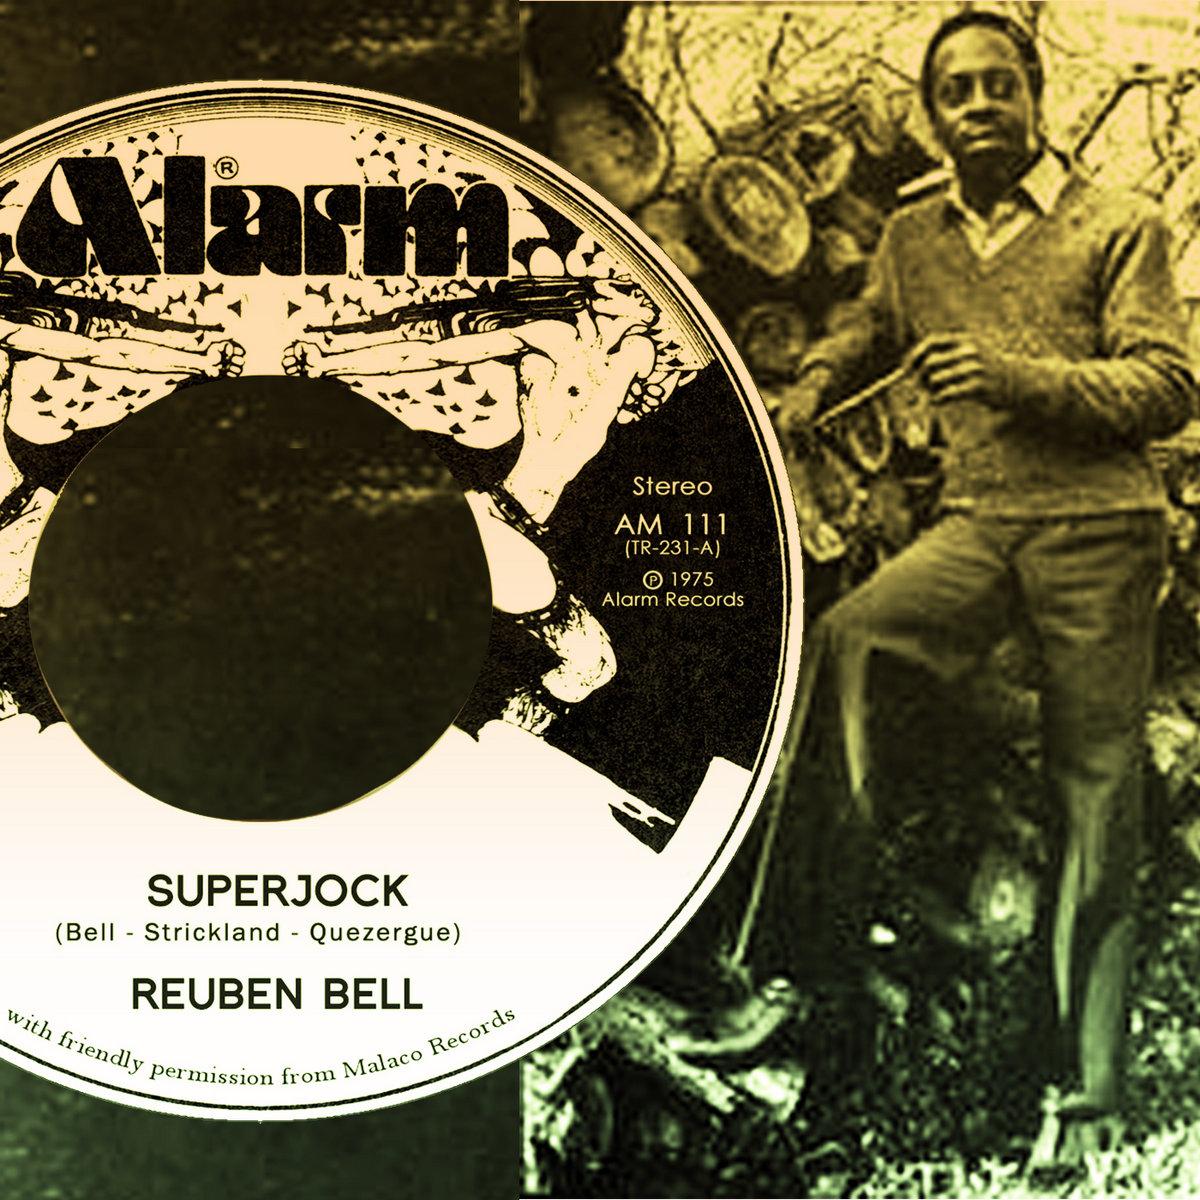 Resultado de imagen de reuben bell superjock album